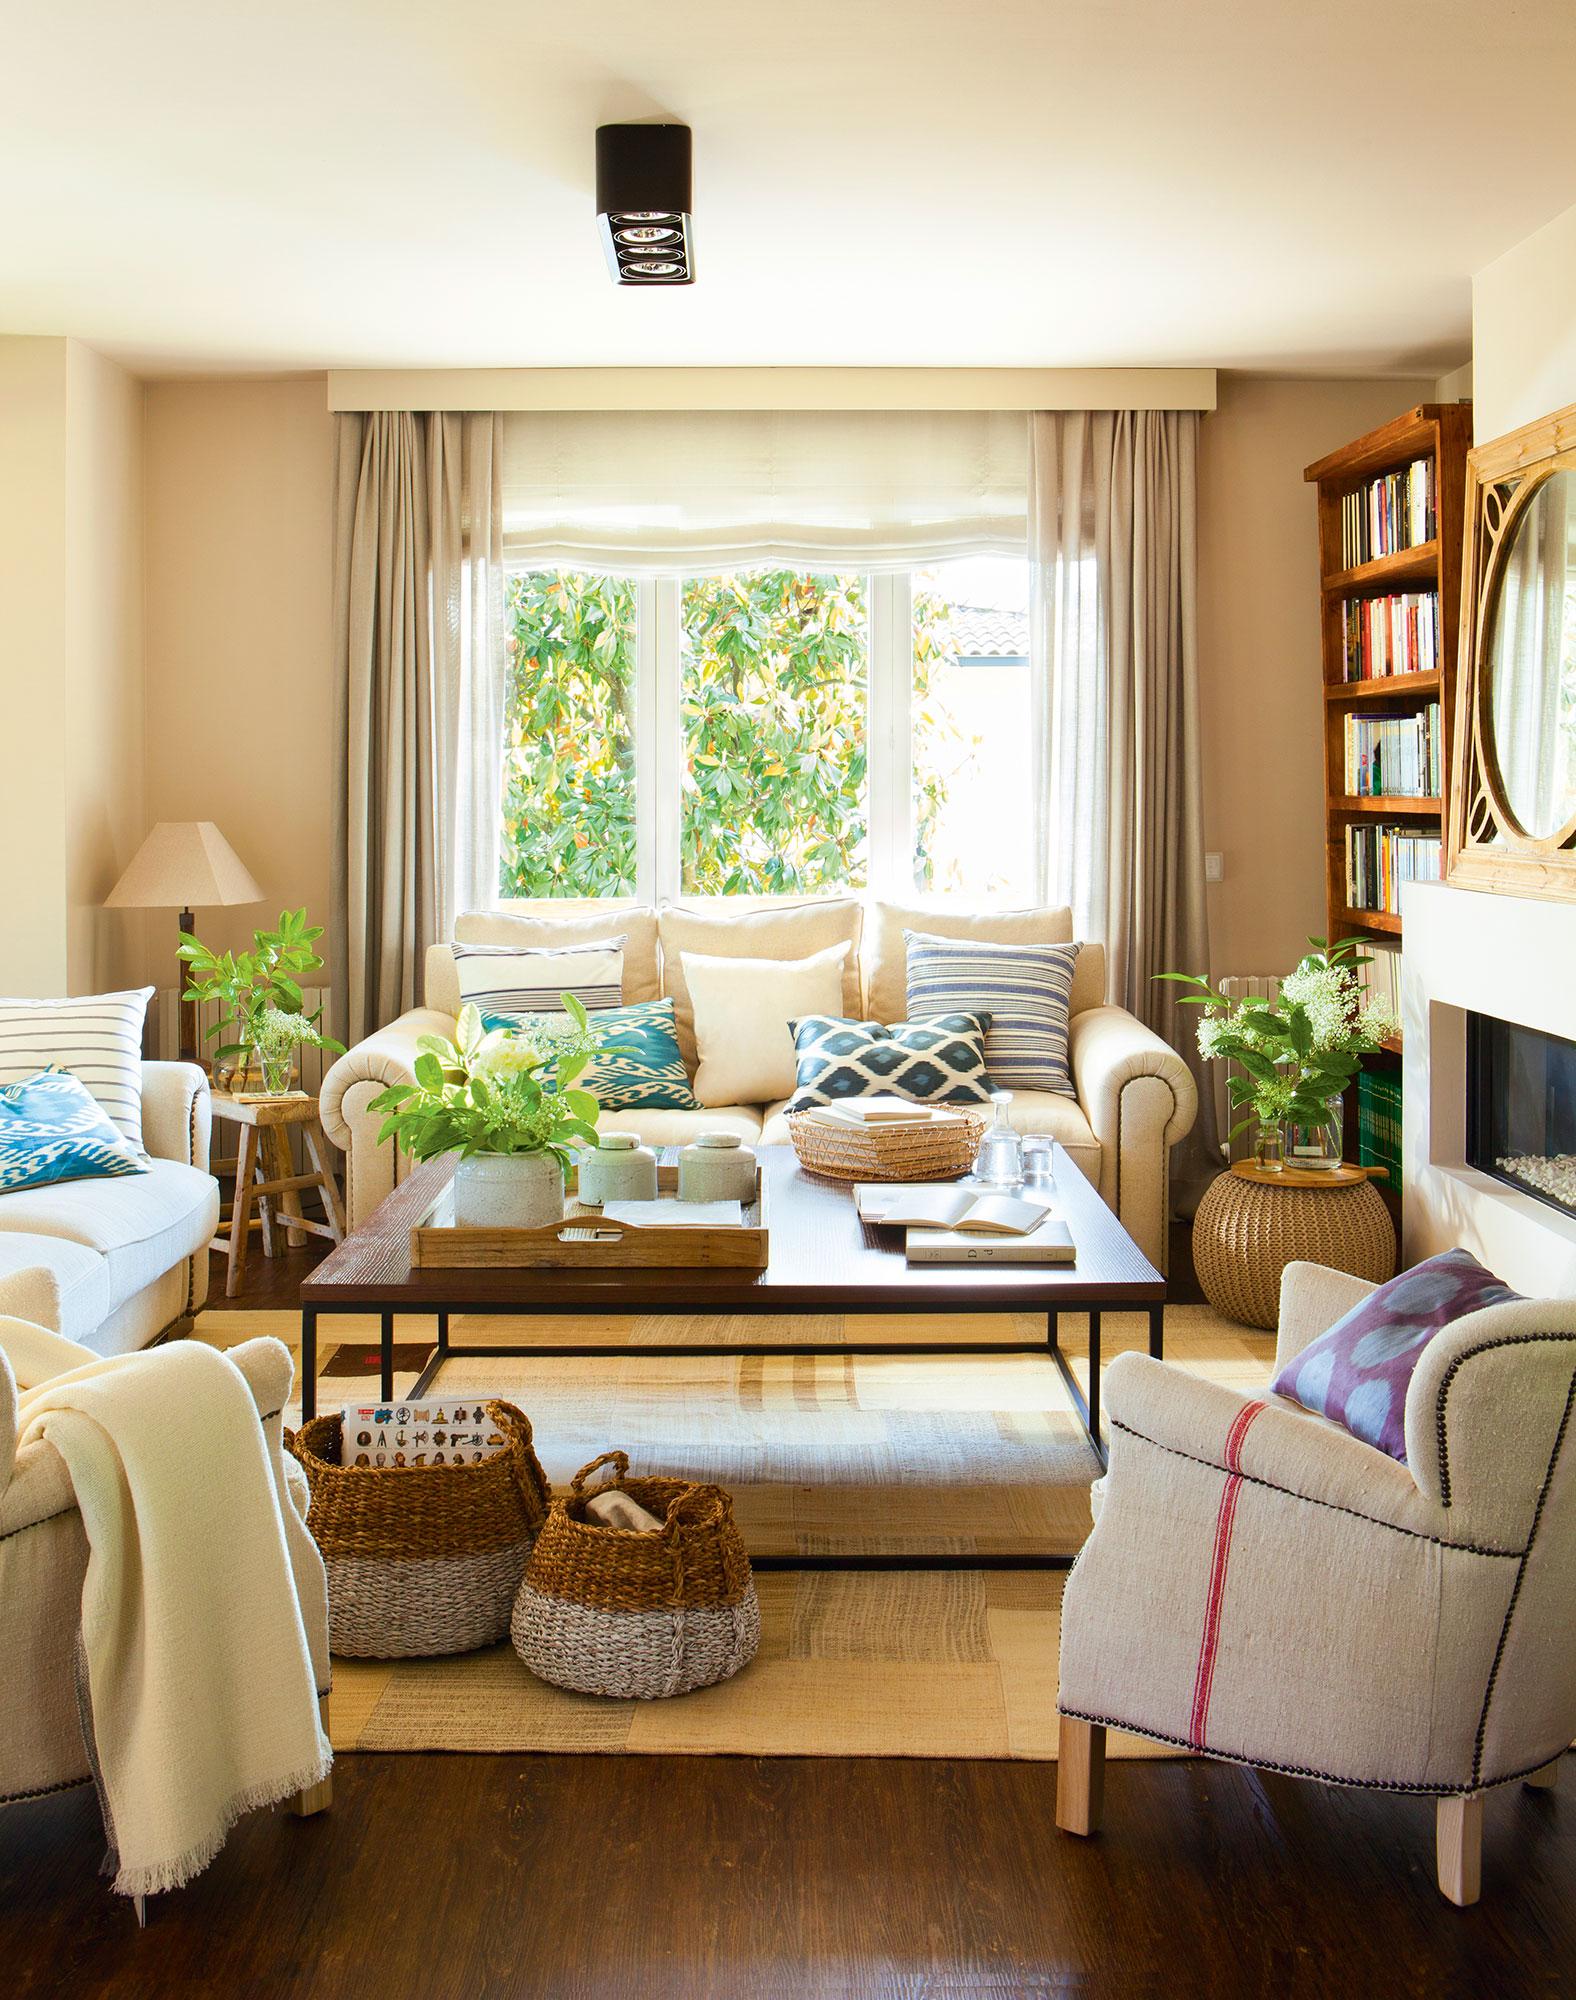 4 salones ideales ideas de decoradora para tener un sal n perfecto Como decorar un salon con chimenea